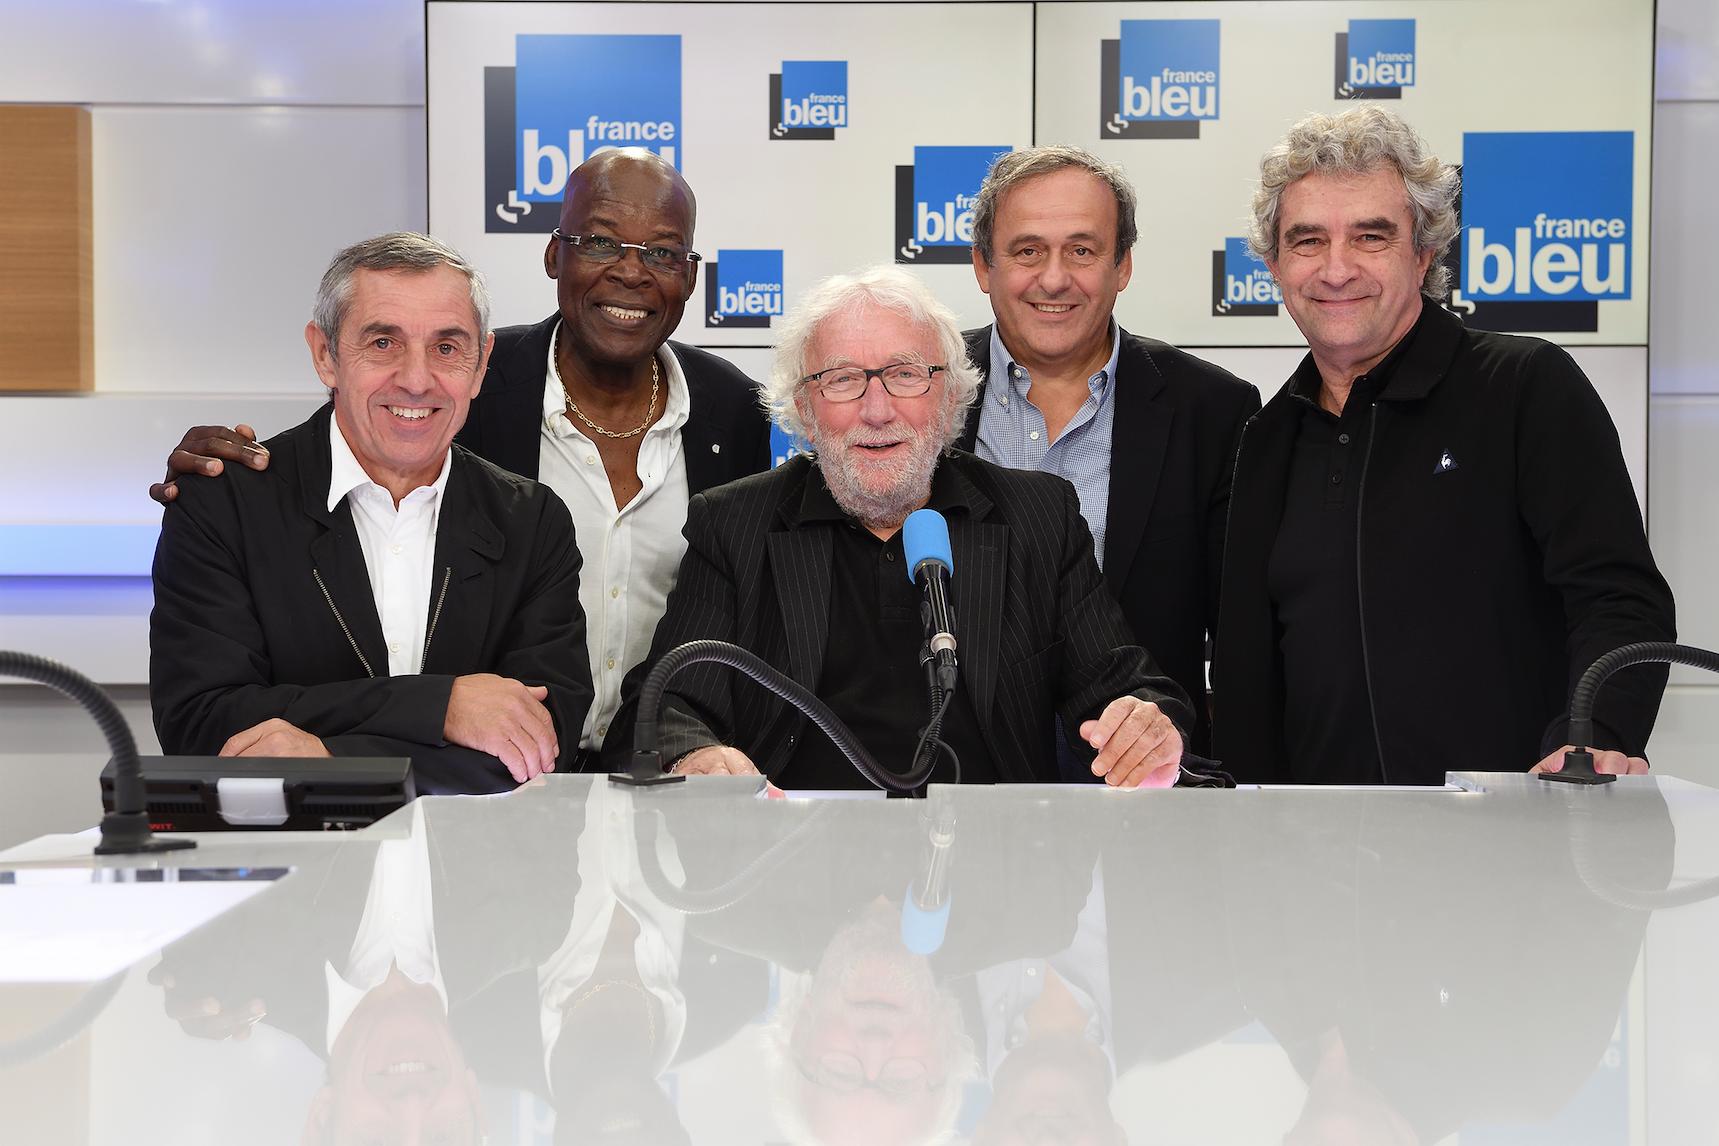 Un beau plateau de sportifs pour célébrer la 300e de Stade Bleu © Christophe Abramowitz / Radio France